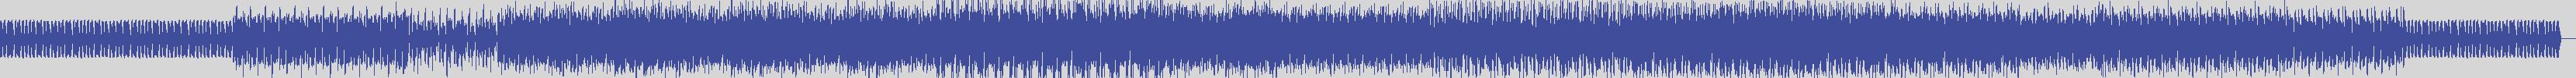 just_digital_records [JS1065] Dj Alex Del Lago - Digital Song Sound of Sound [Original Mix] audio wave form